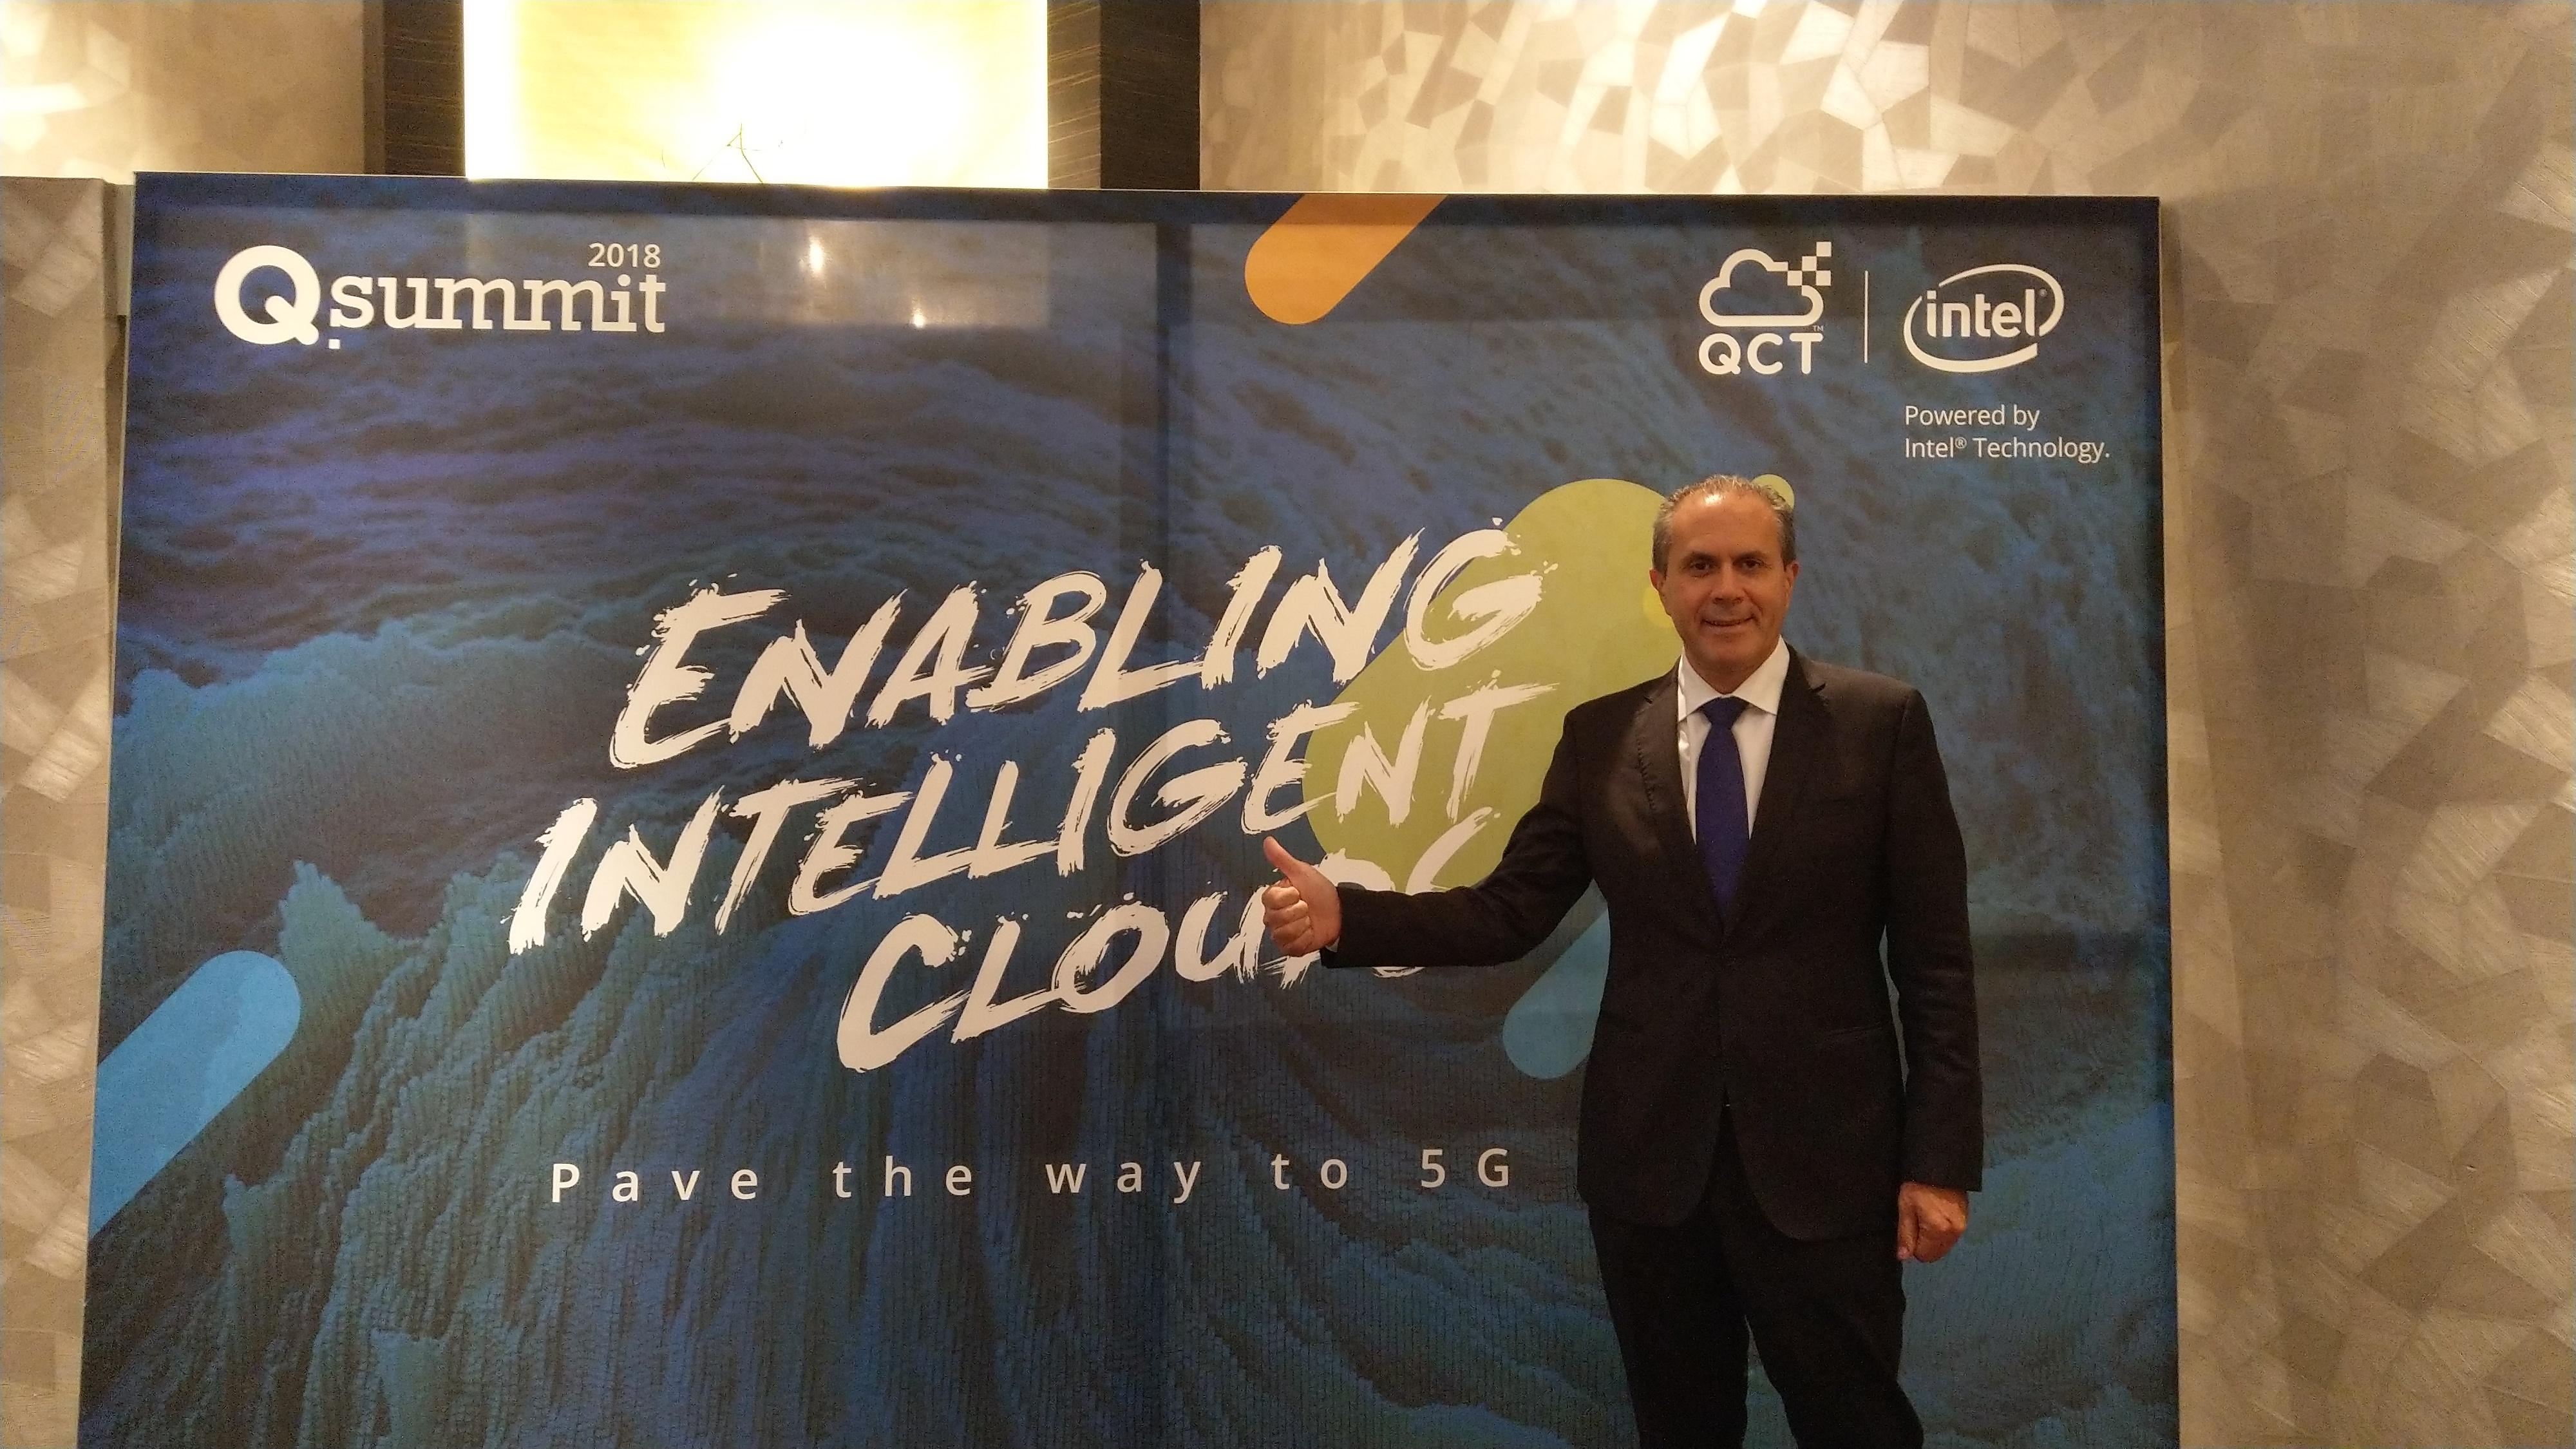 Maurizio Riva, VP Head of QCT EMEA